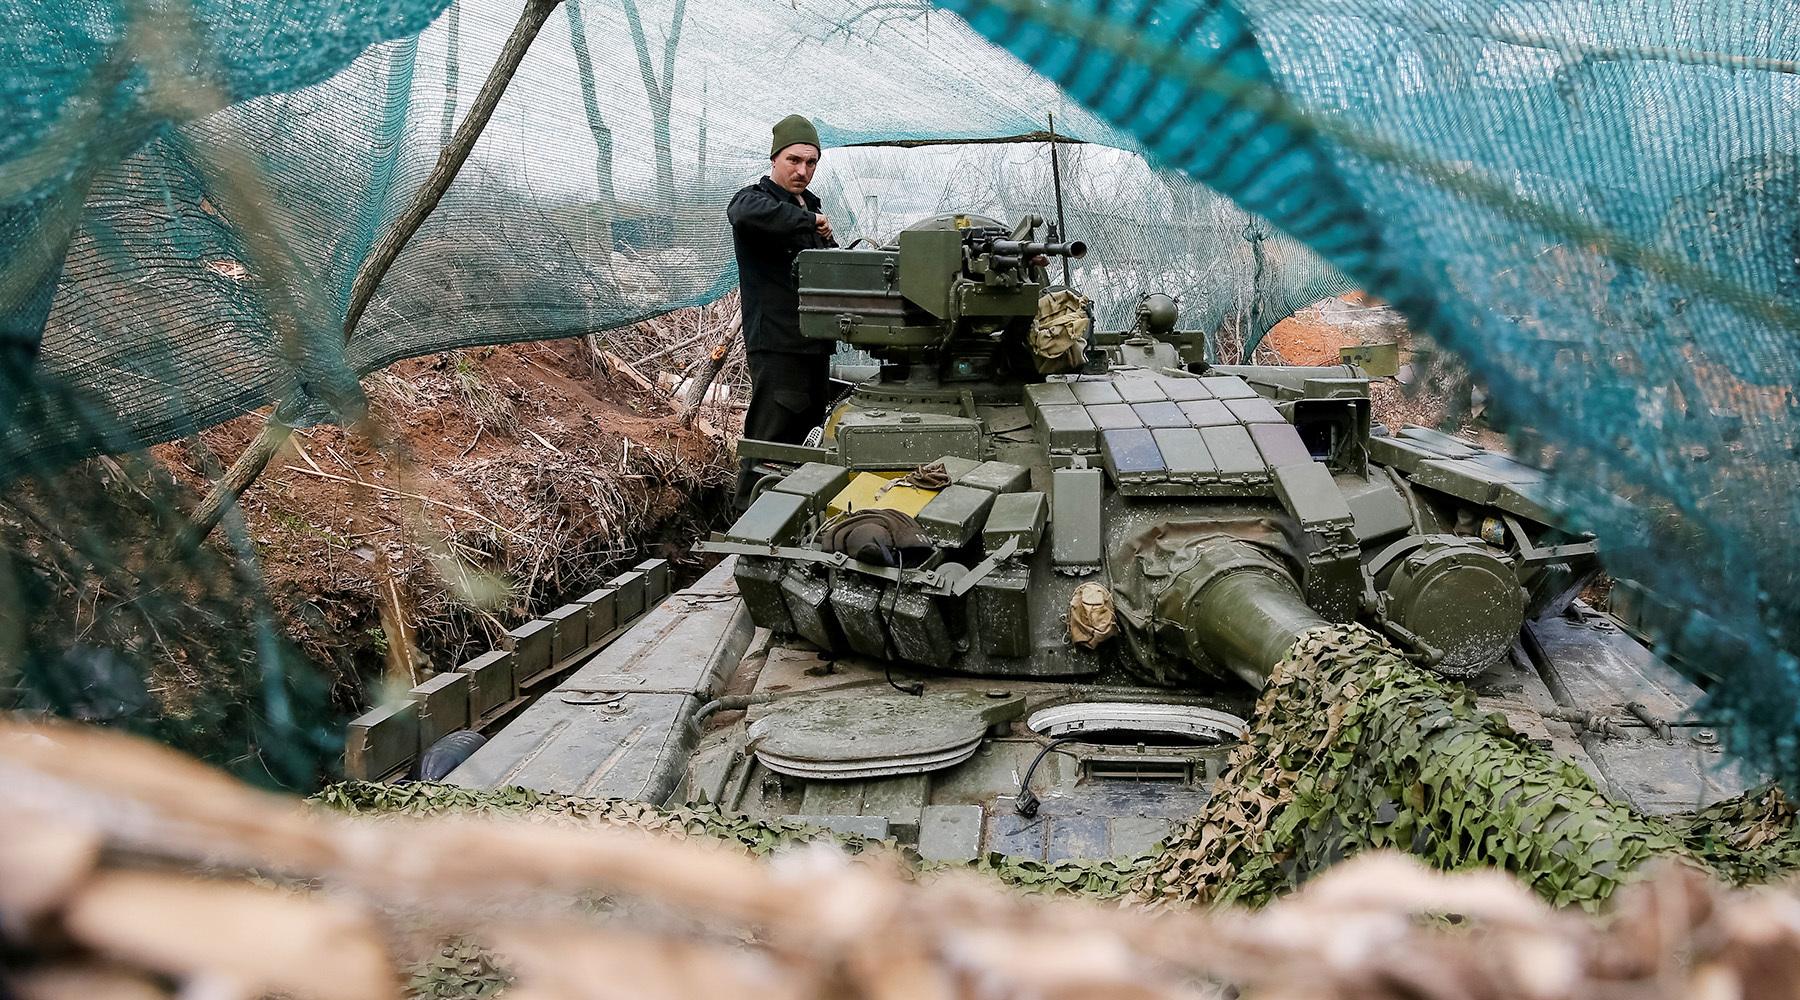 Борьба с «вредоносным влиянием»: зачем в конгресс США внесли проект резолюции о поддержке Украины